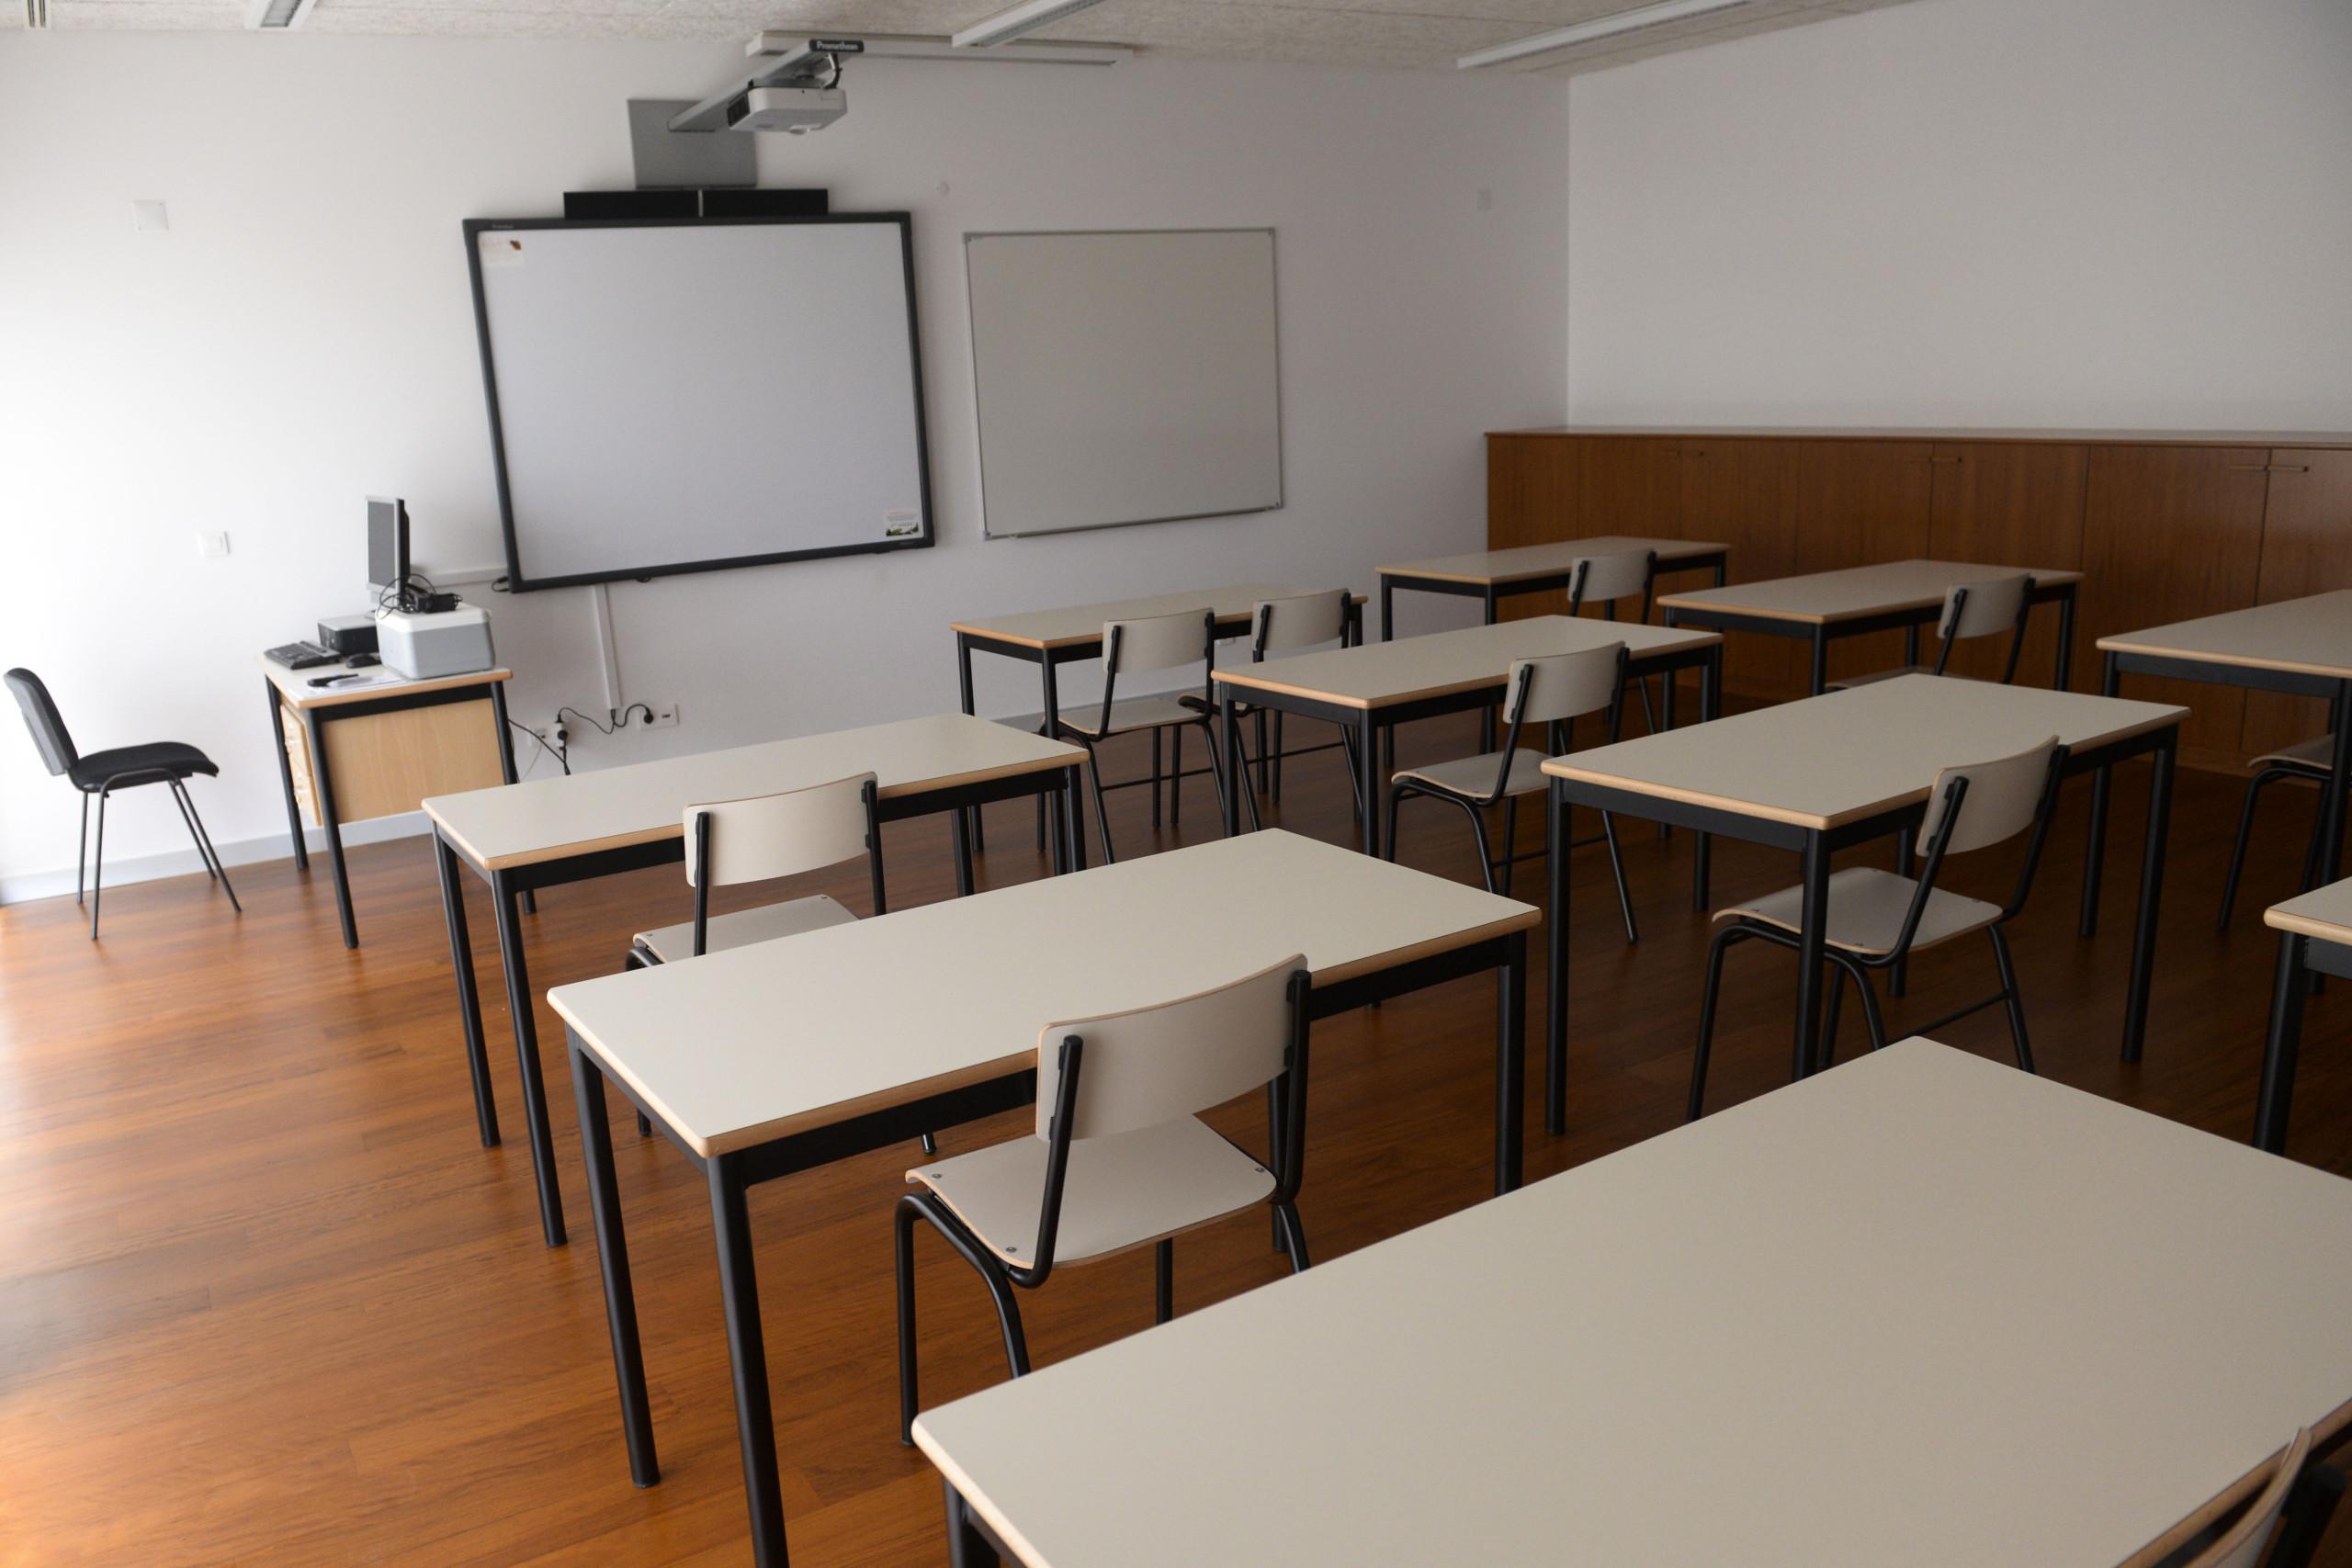 Governo angolano detetou 148 cursos superiores ilegais e legalizou 104